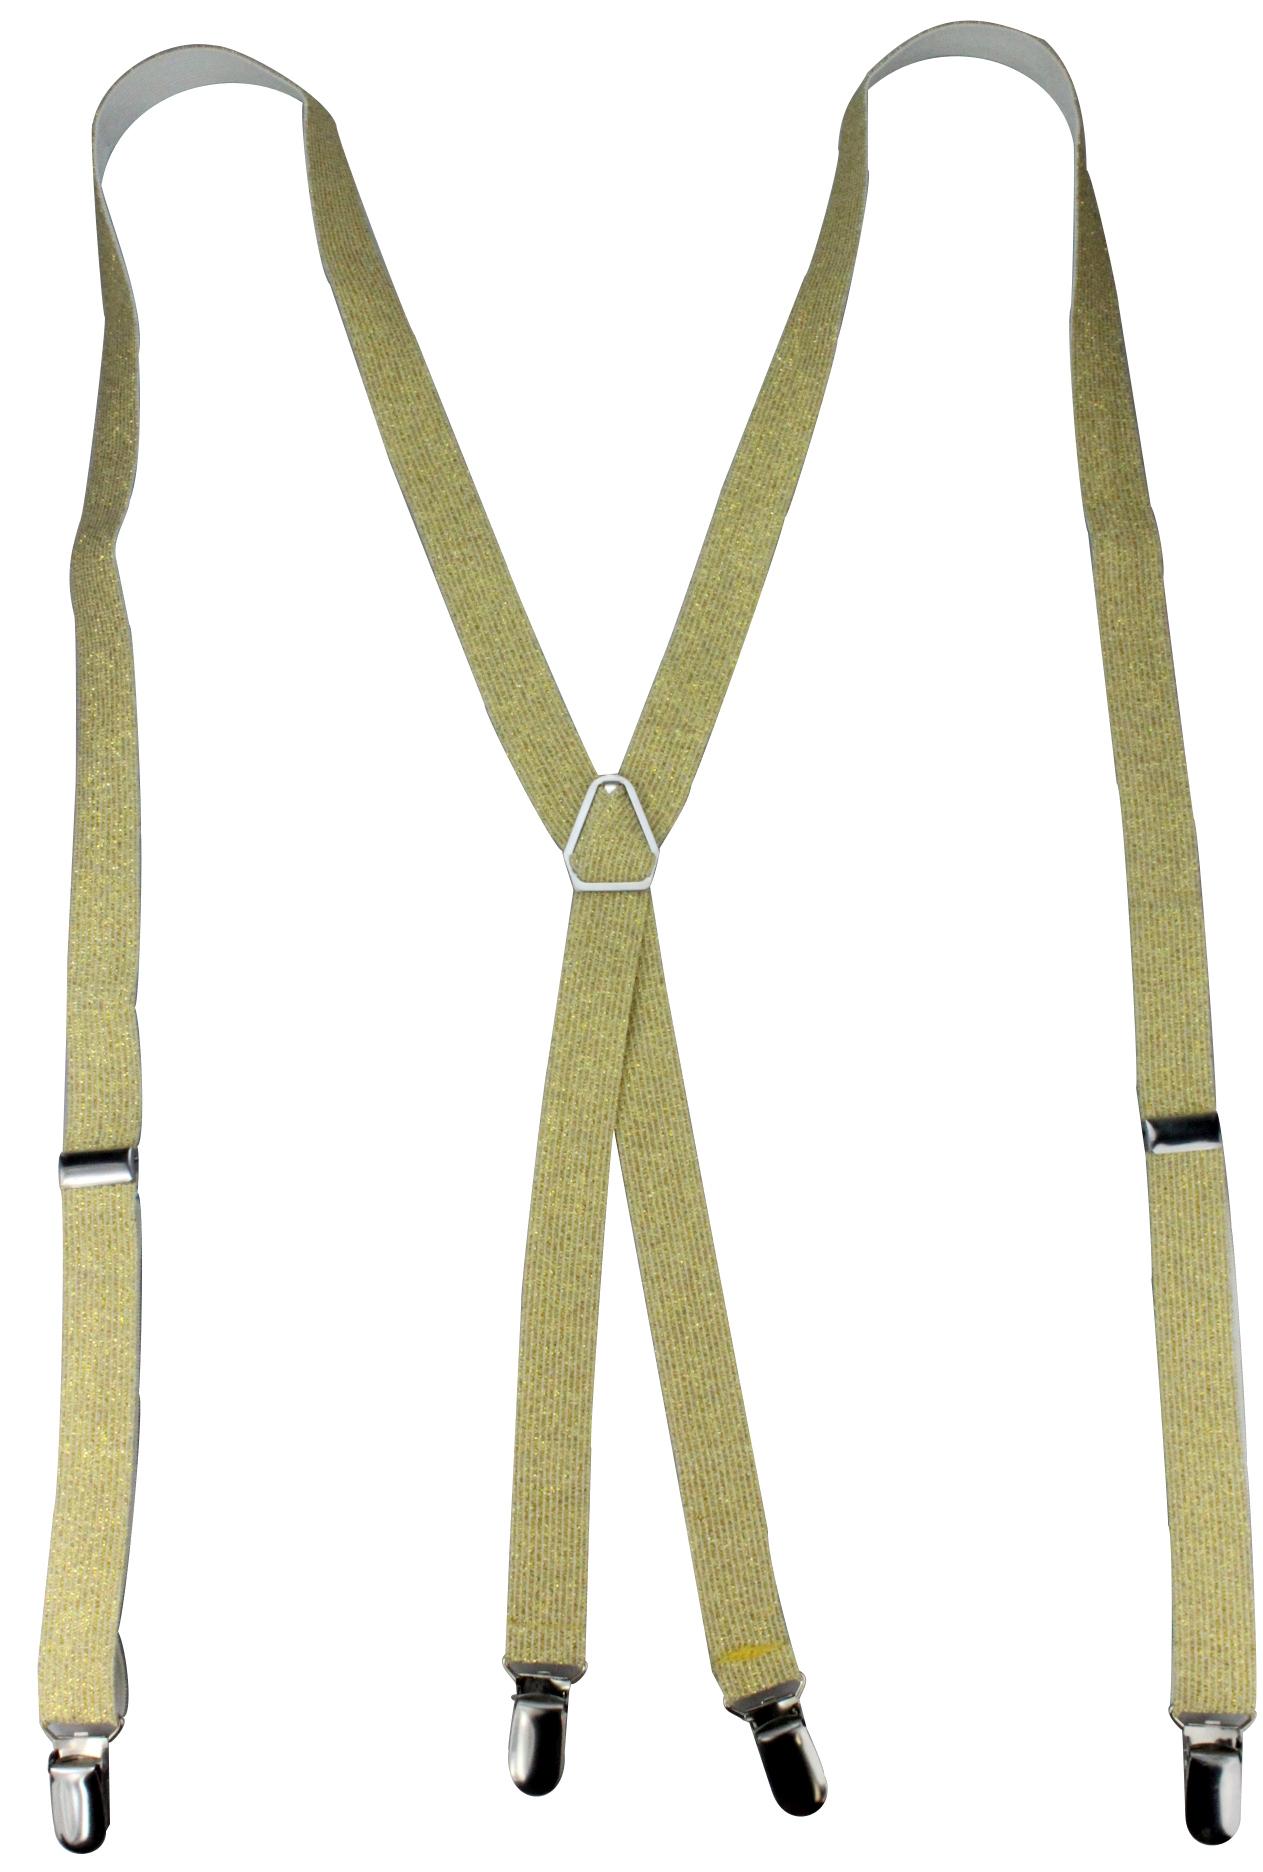 4 Clips Hosenträger für Damen und Herren in silber, gold oder pink metallic 25mm